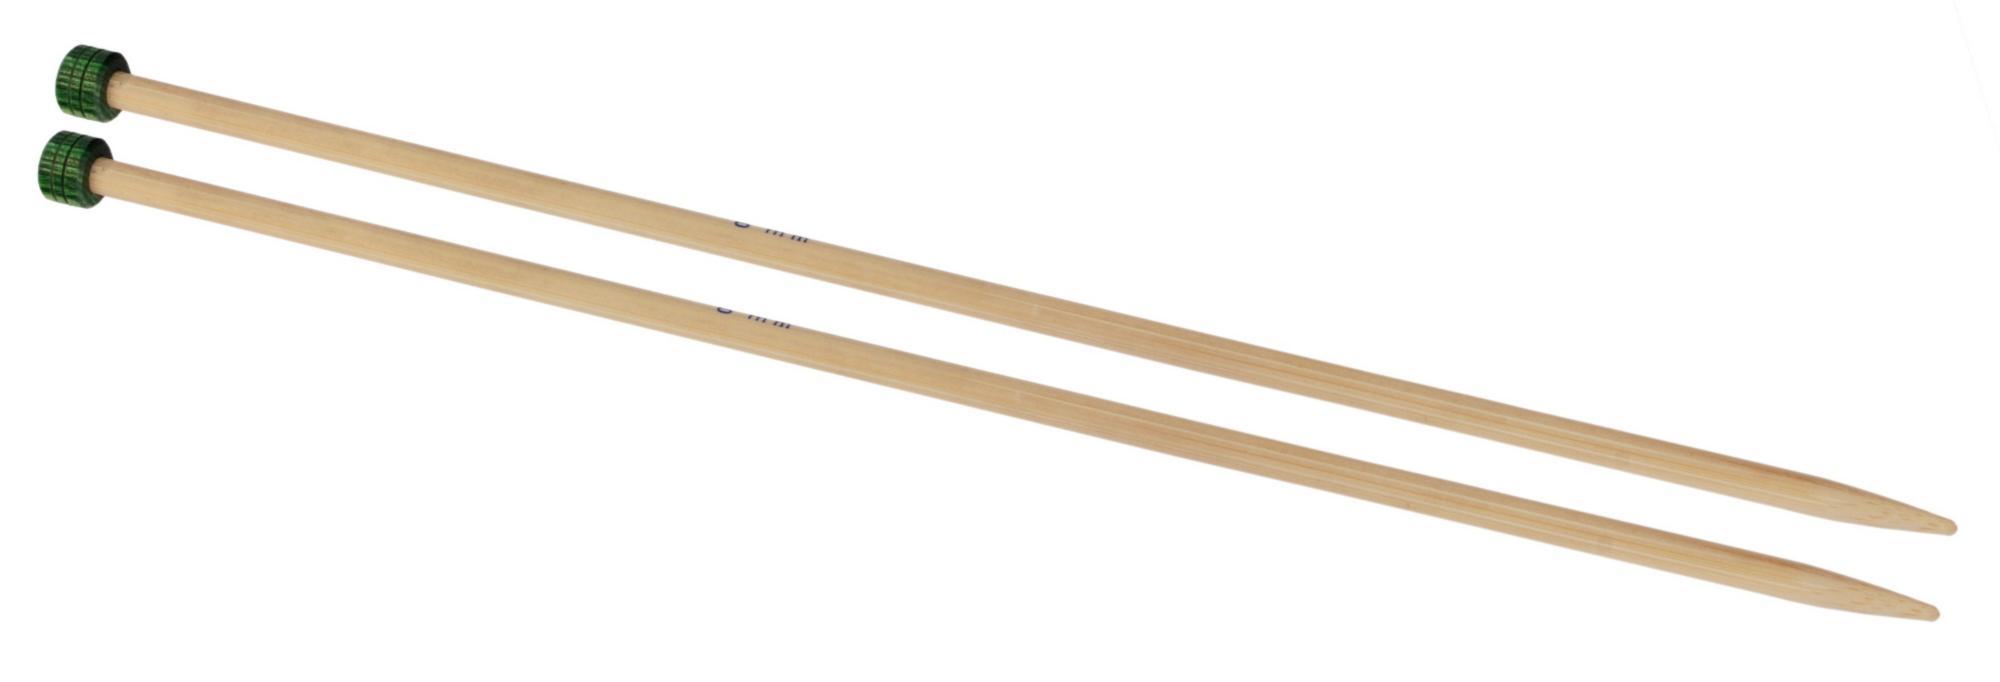 Спицы прямые 33 см Bamboo KnitPro, 22368, 3.75 мм